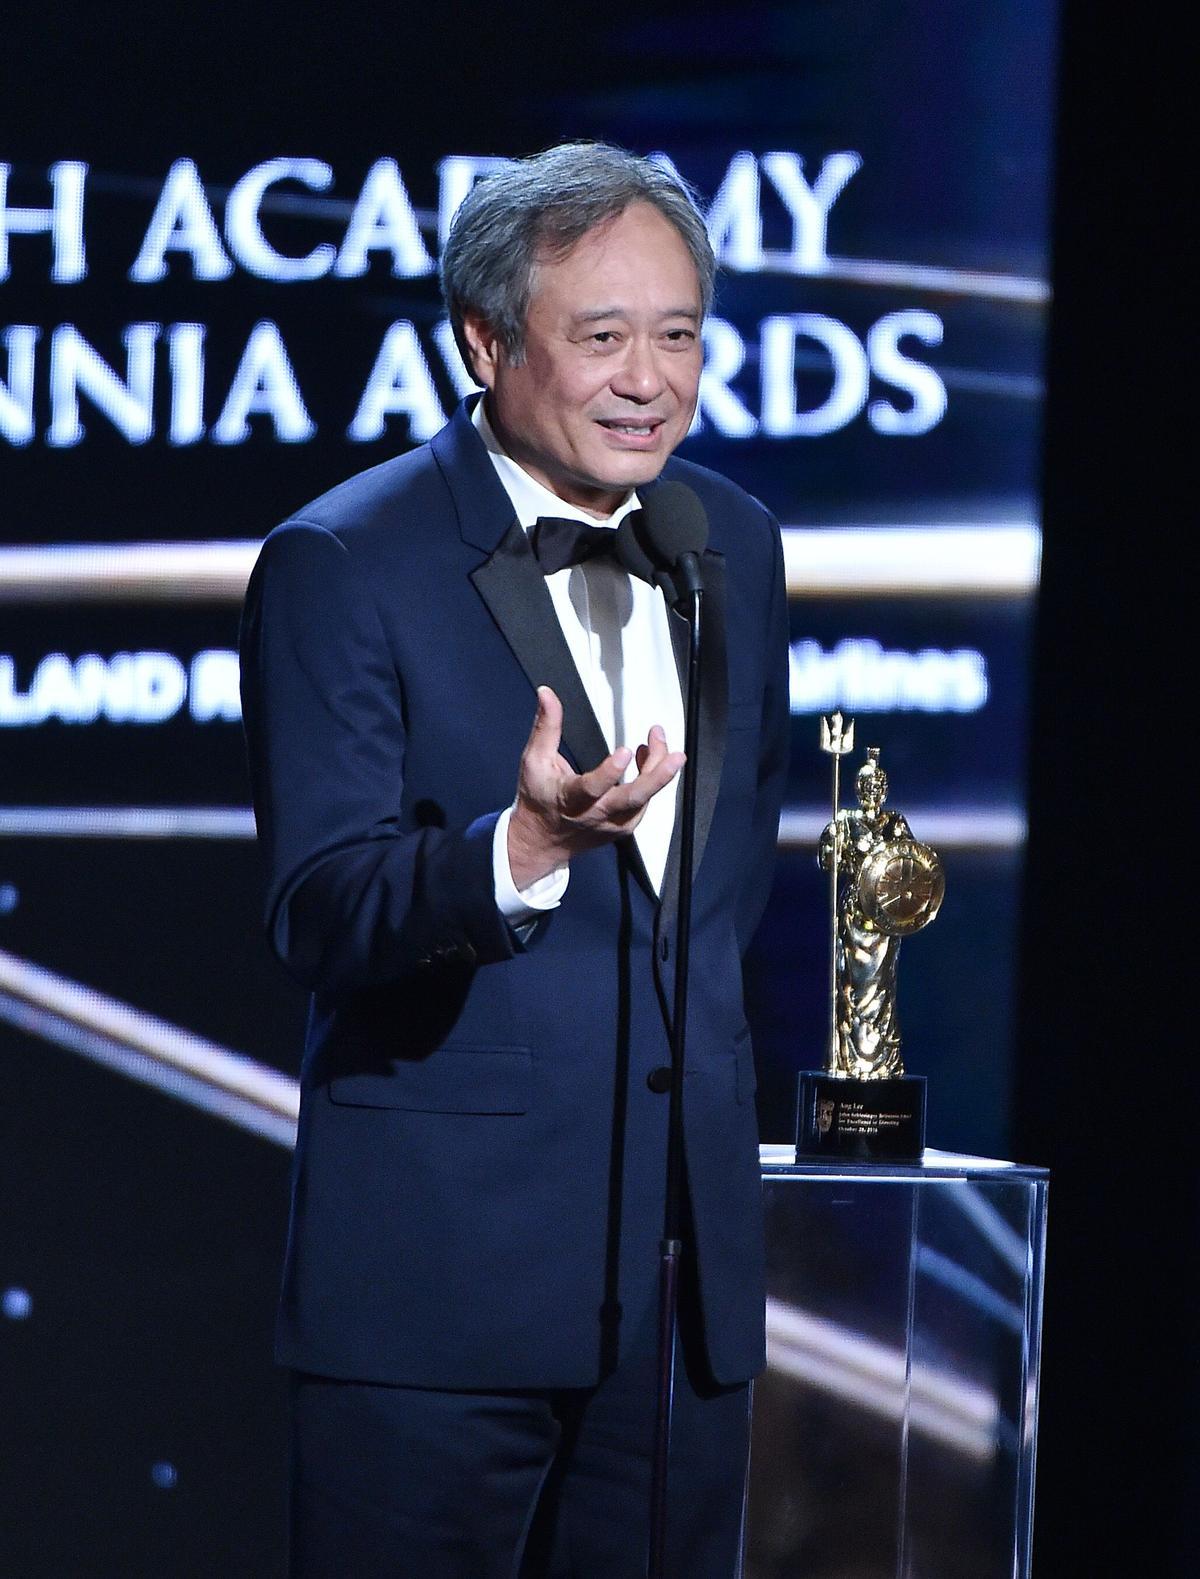 上週李安才剛獲得英國影藝學院頒發「大不列顛獎」的「優秀導演獎」,他是第一位獲此殊榮的亞洲人。(東方IC)